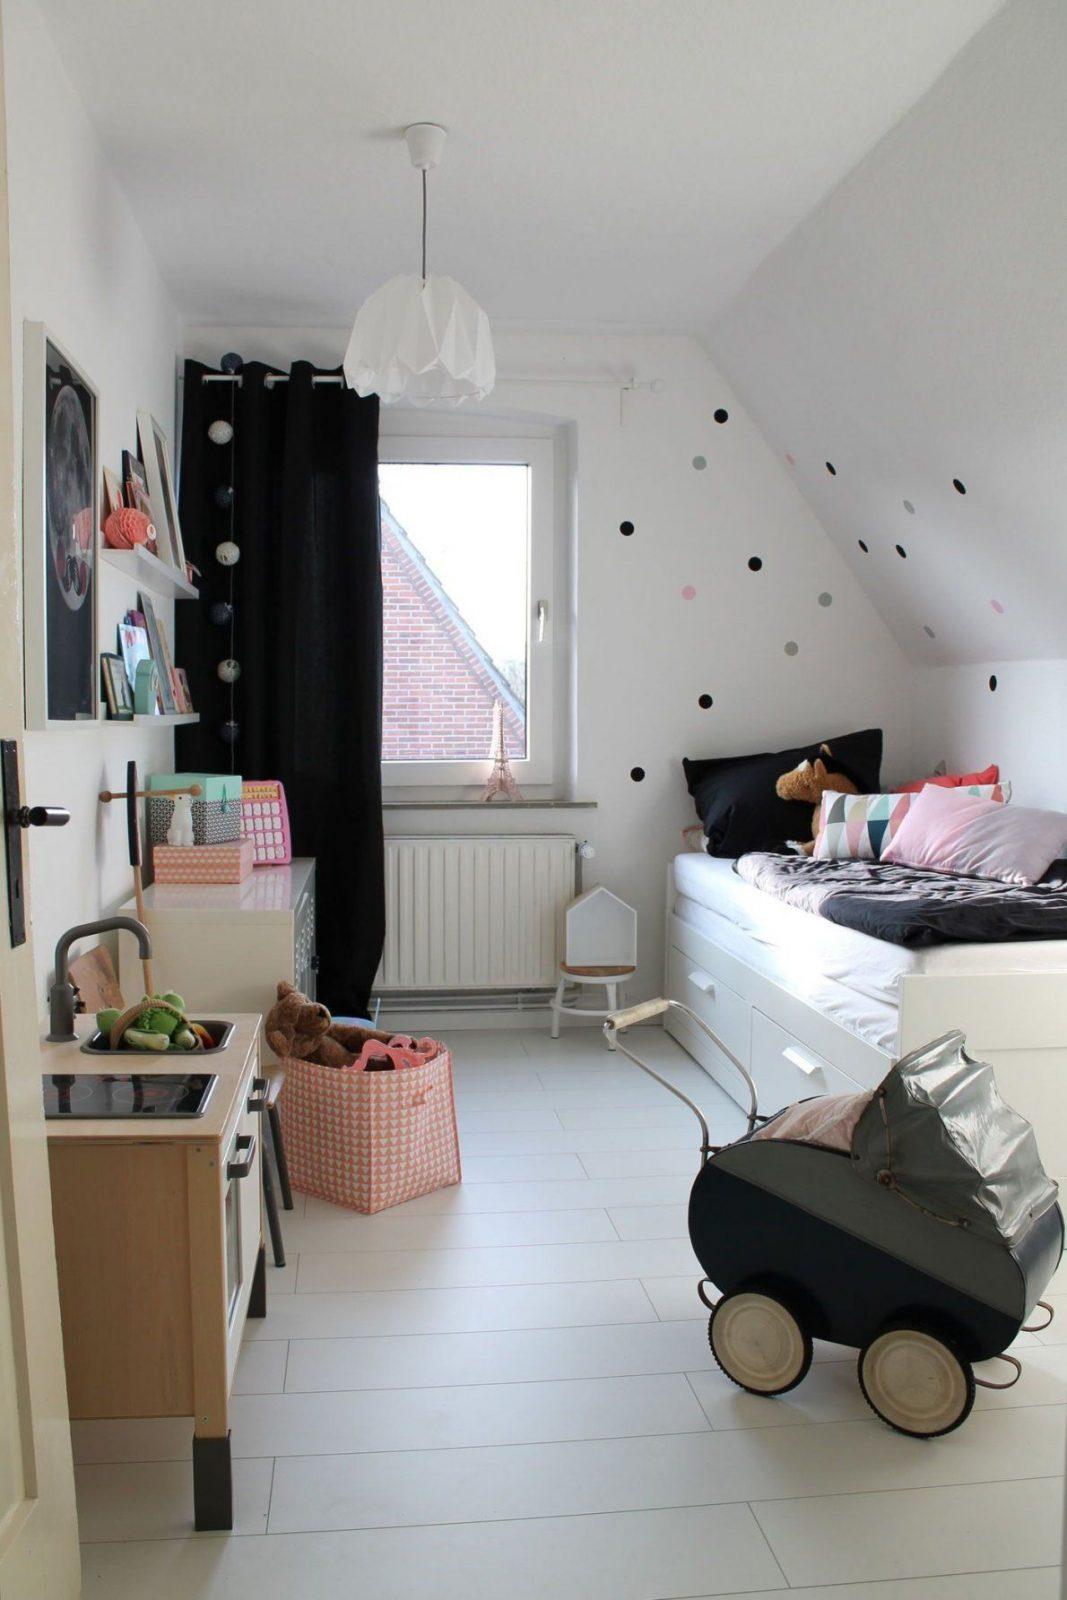 Verwunderlich Kleine Kinderzimmer Geschickt Einrichten Kleine Zimmer von Kleine Kinderzimmer Geschickt Einrichten Photo